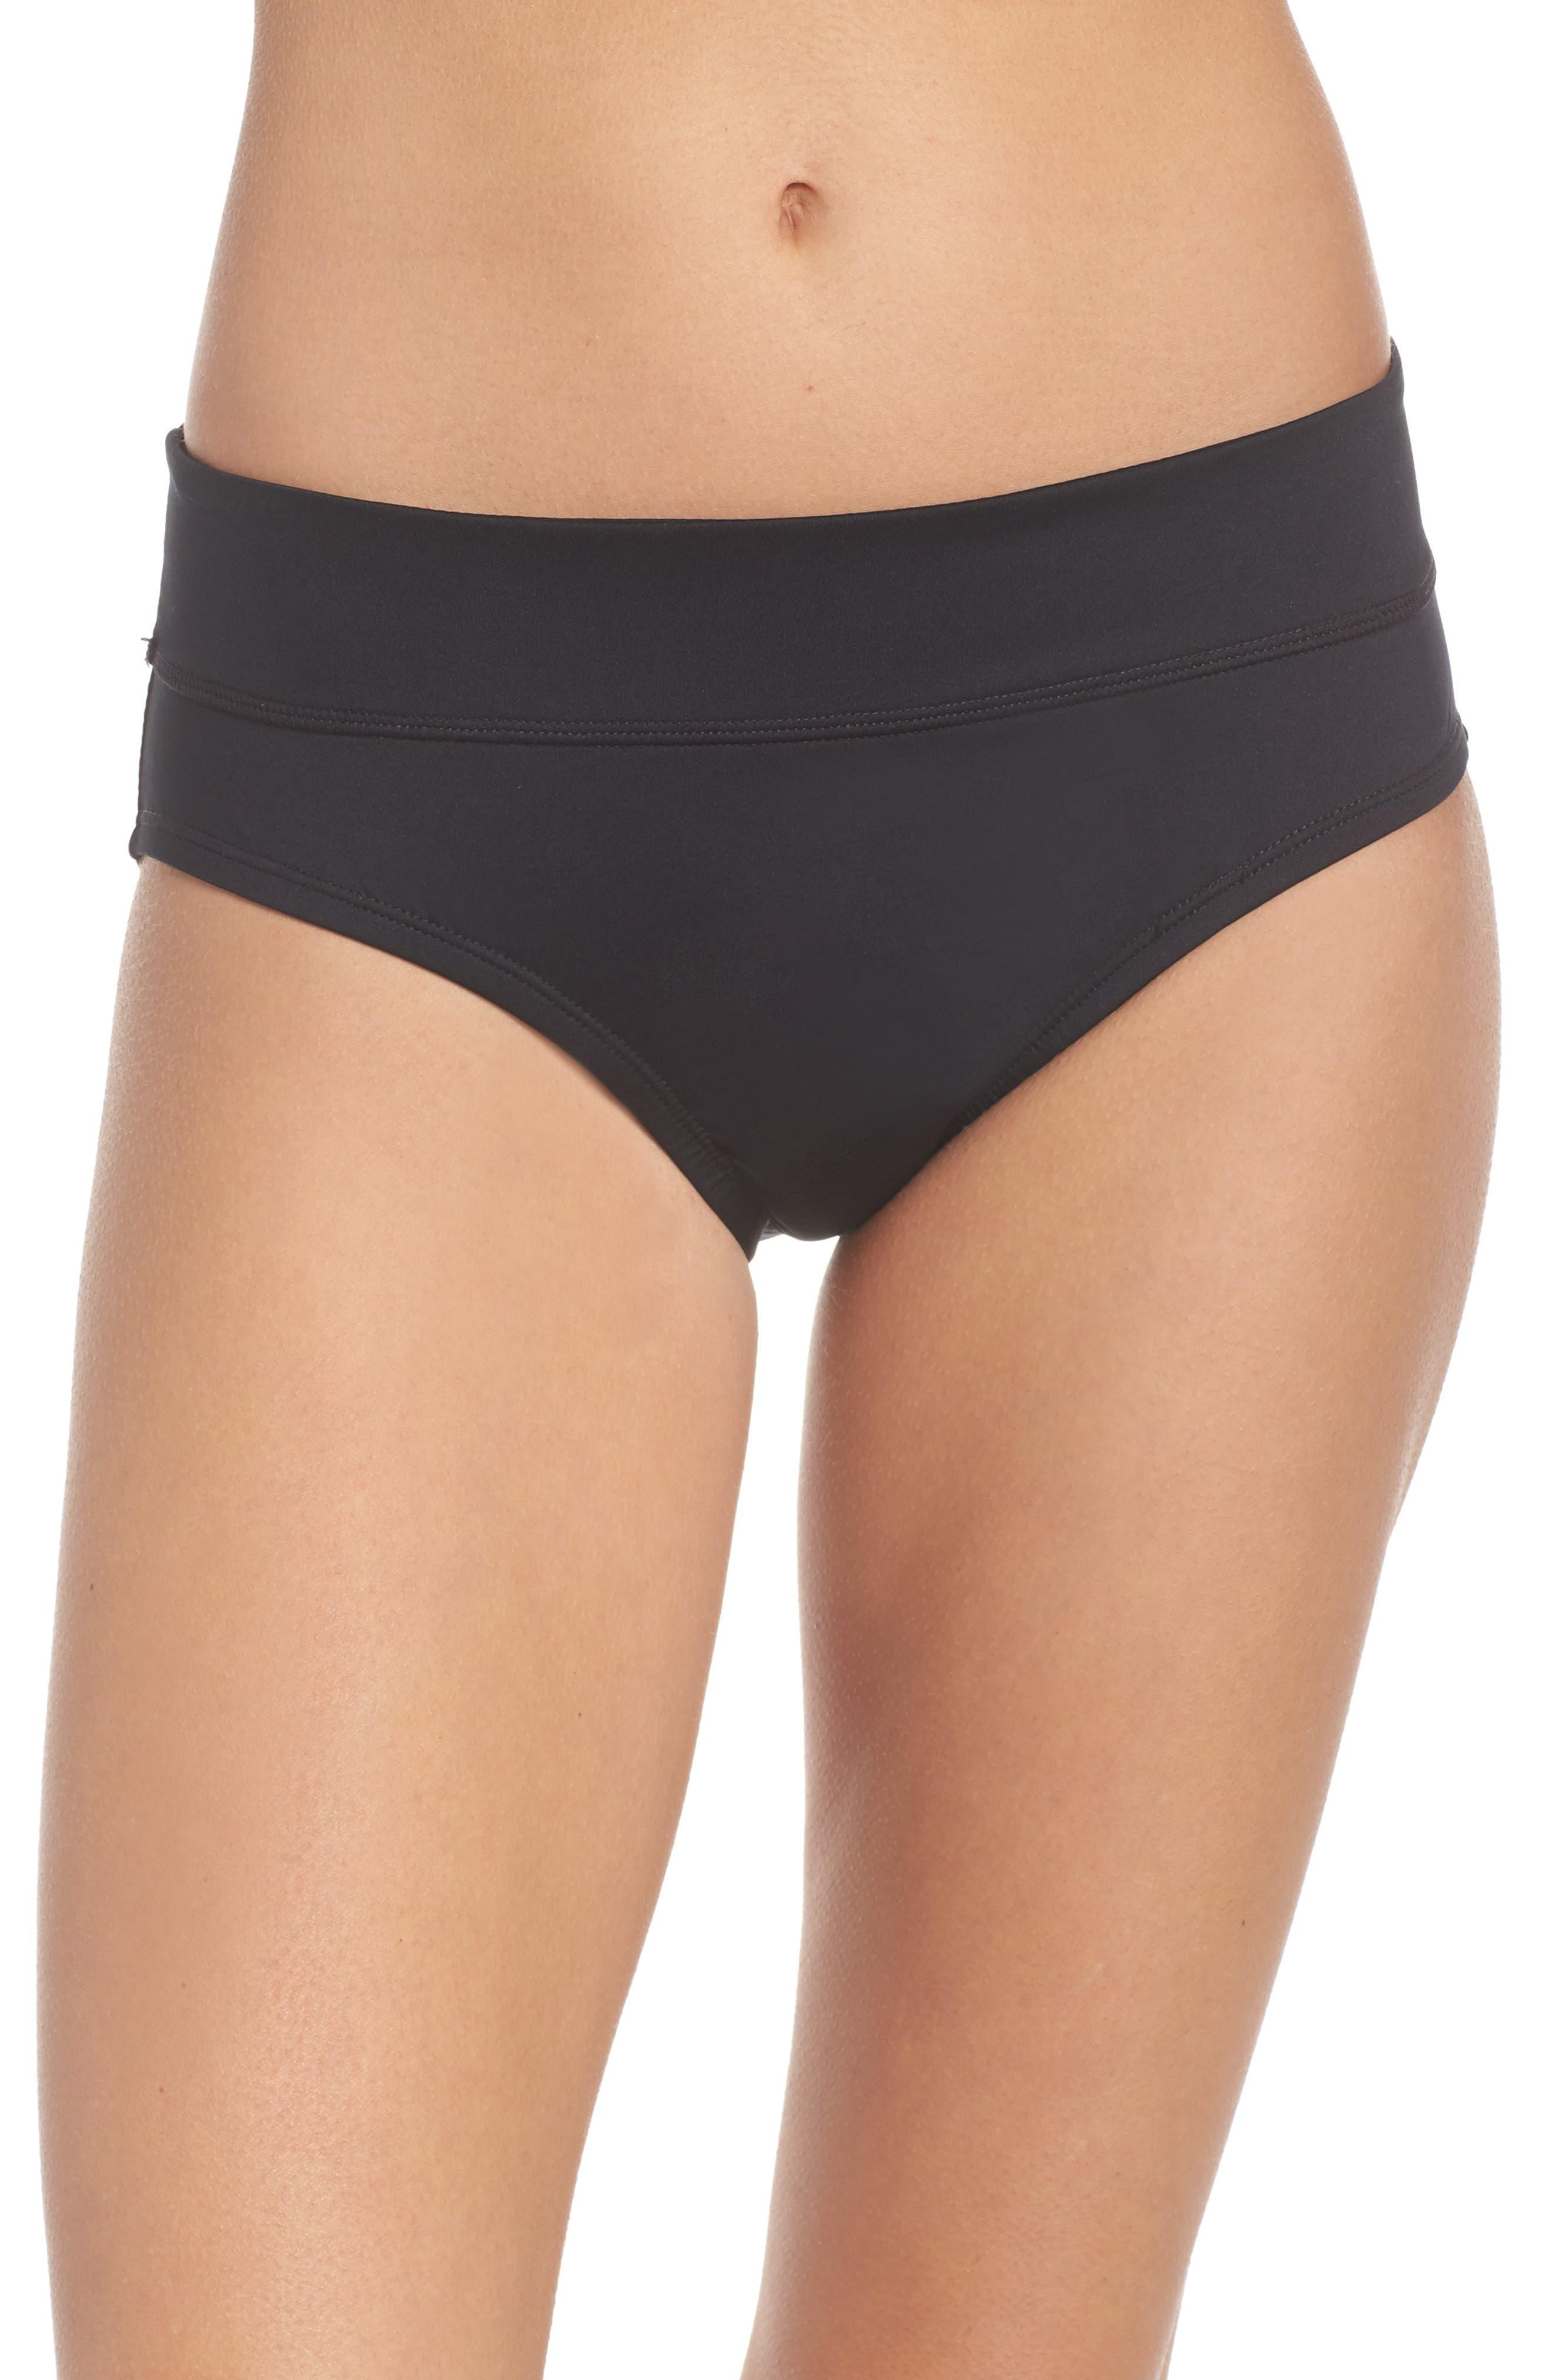 Nike Full Bikini Bottoms